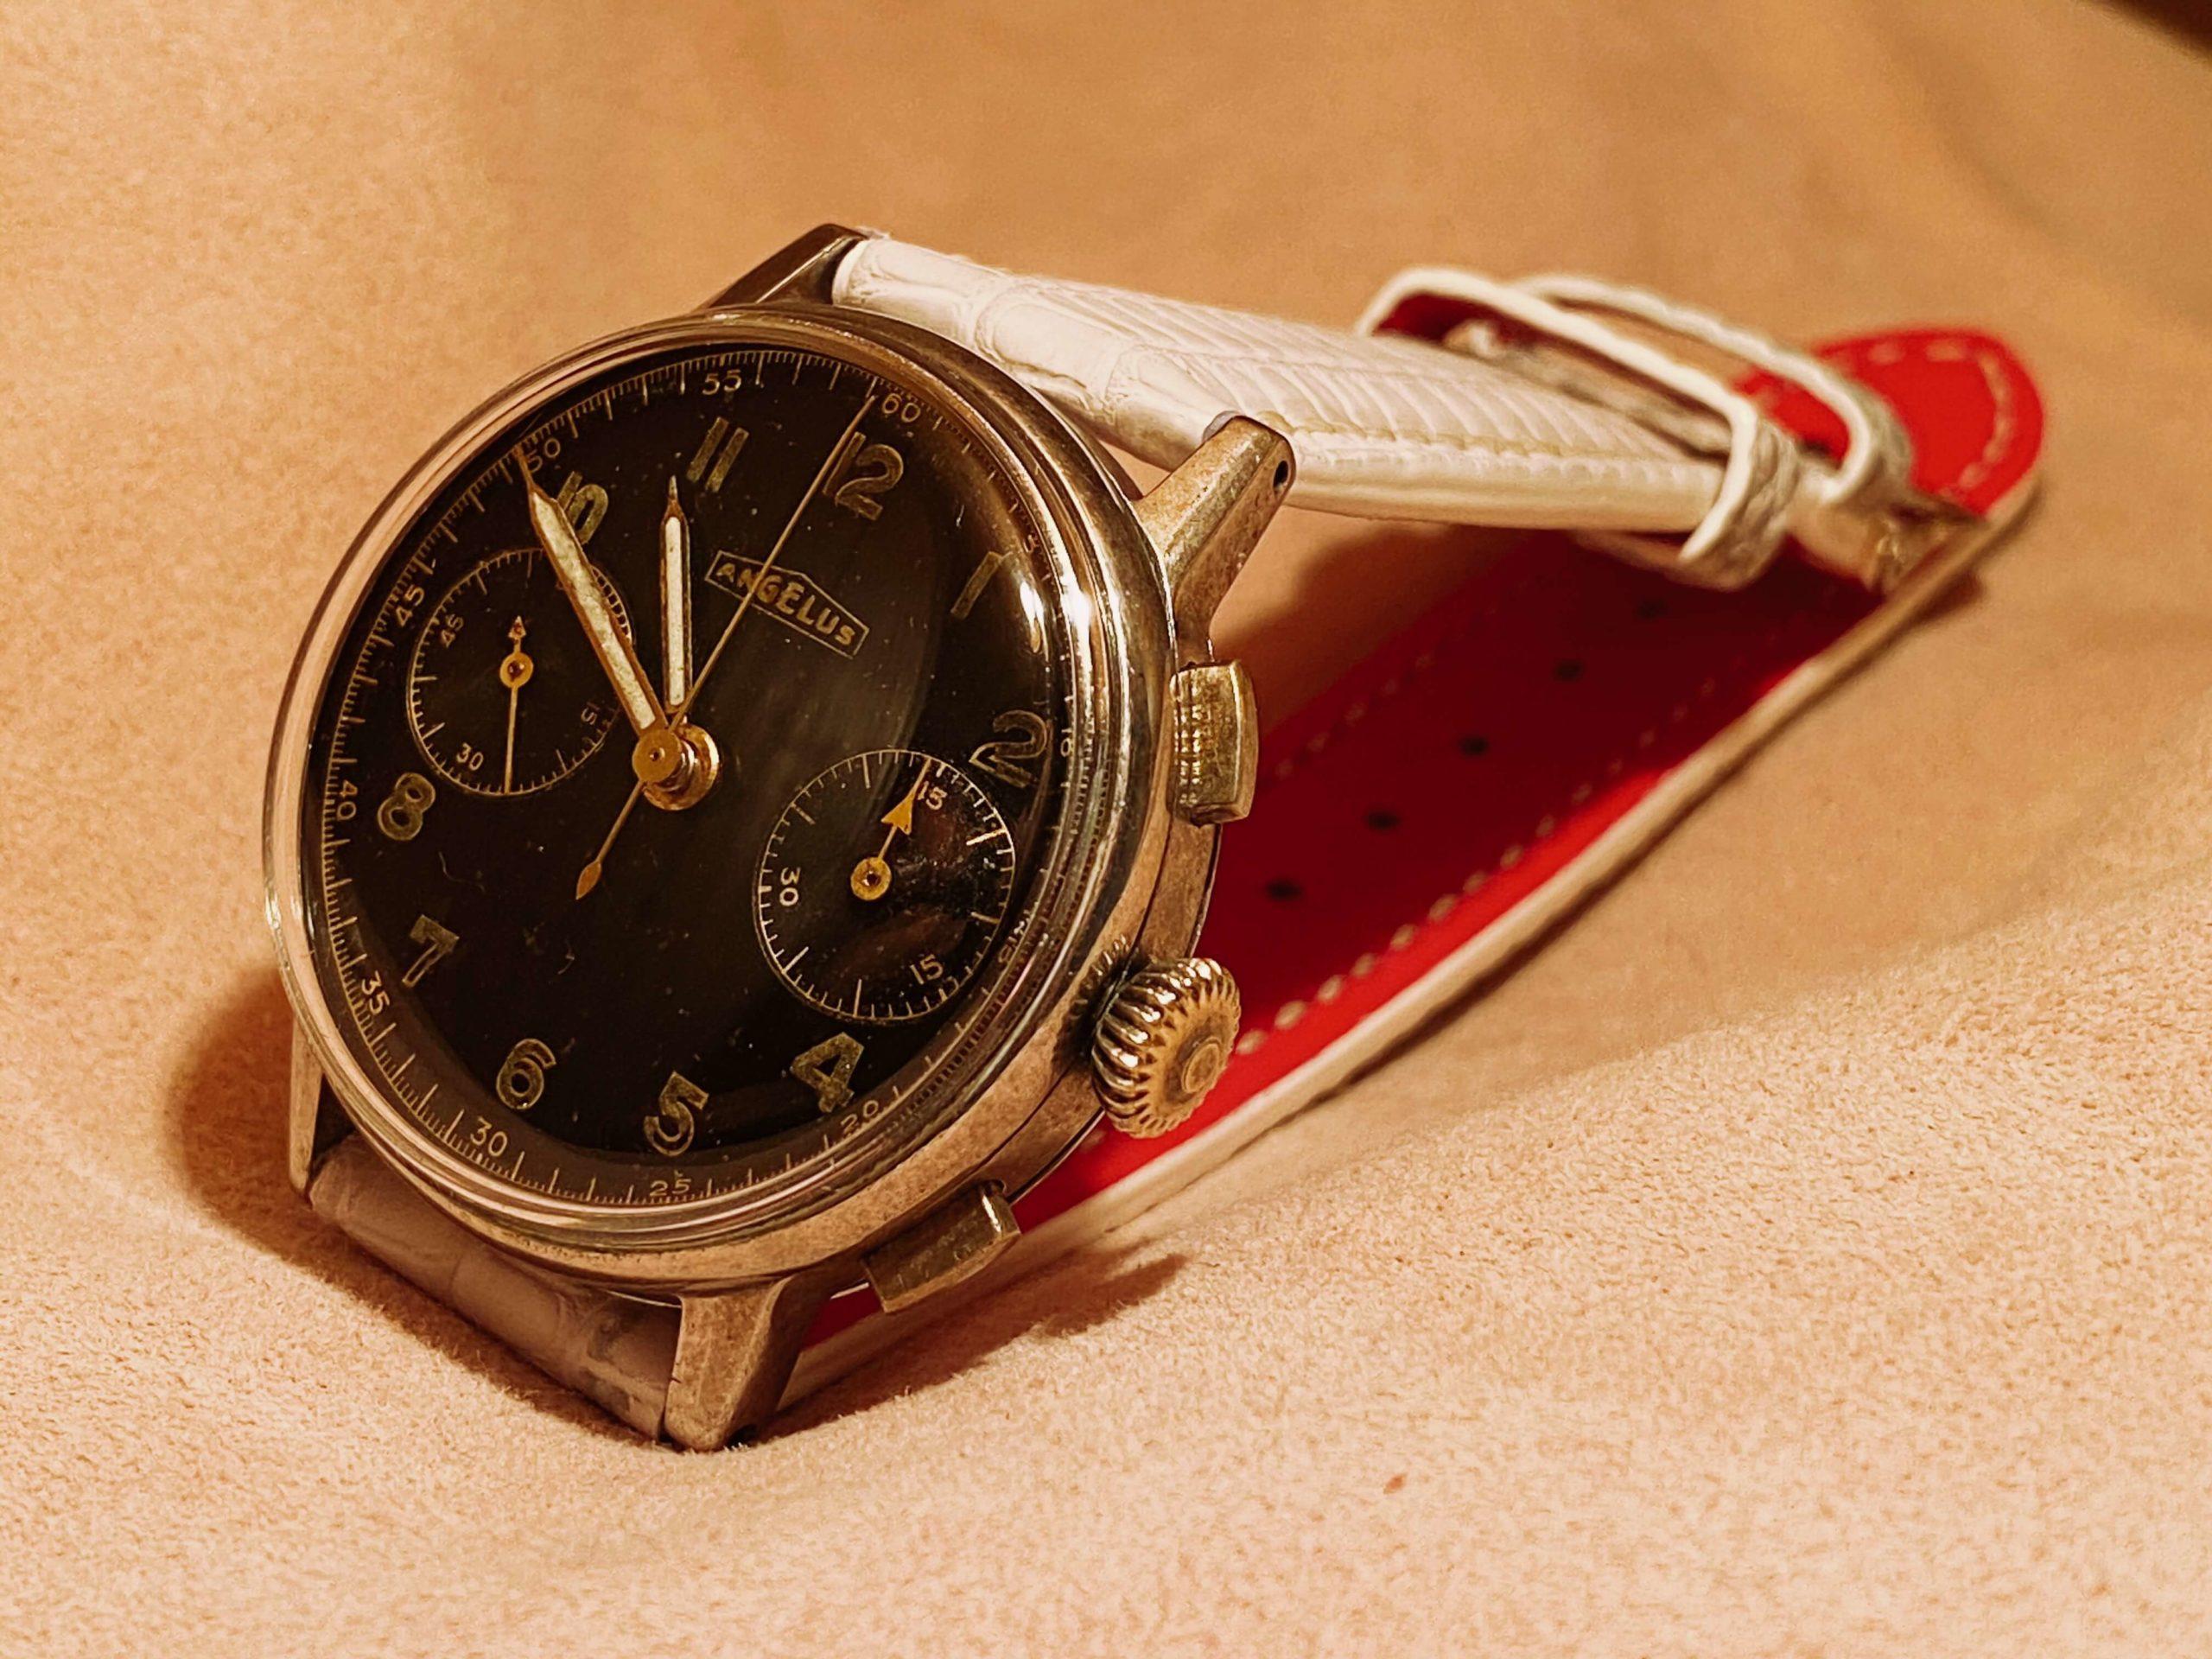 アンティーク時計とそのベルトを。。。page-visual アンティーク時計とそのベルトを。。。ビジュアル